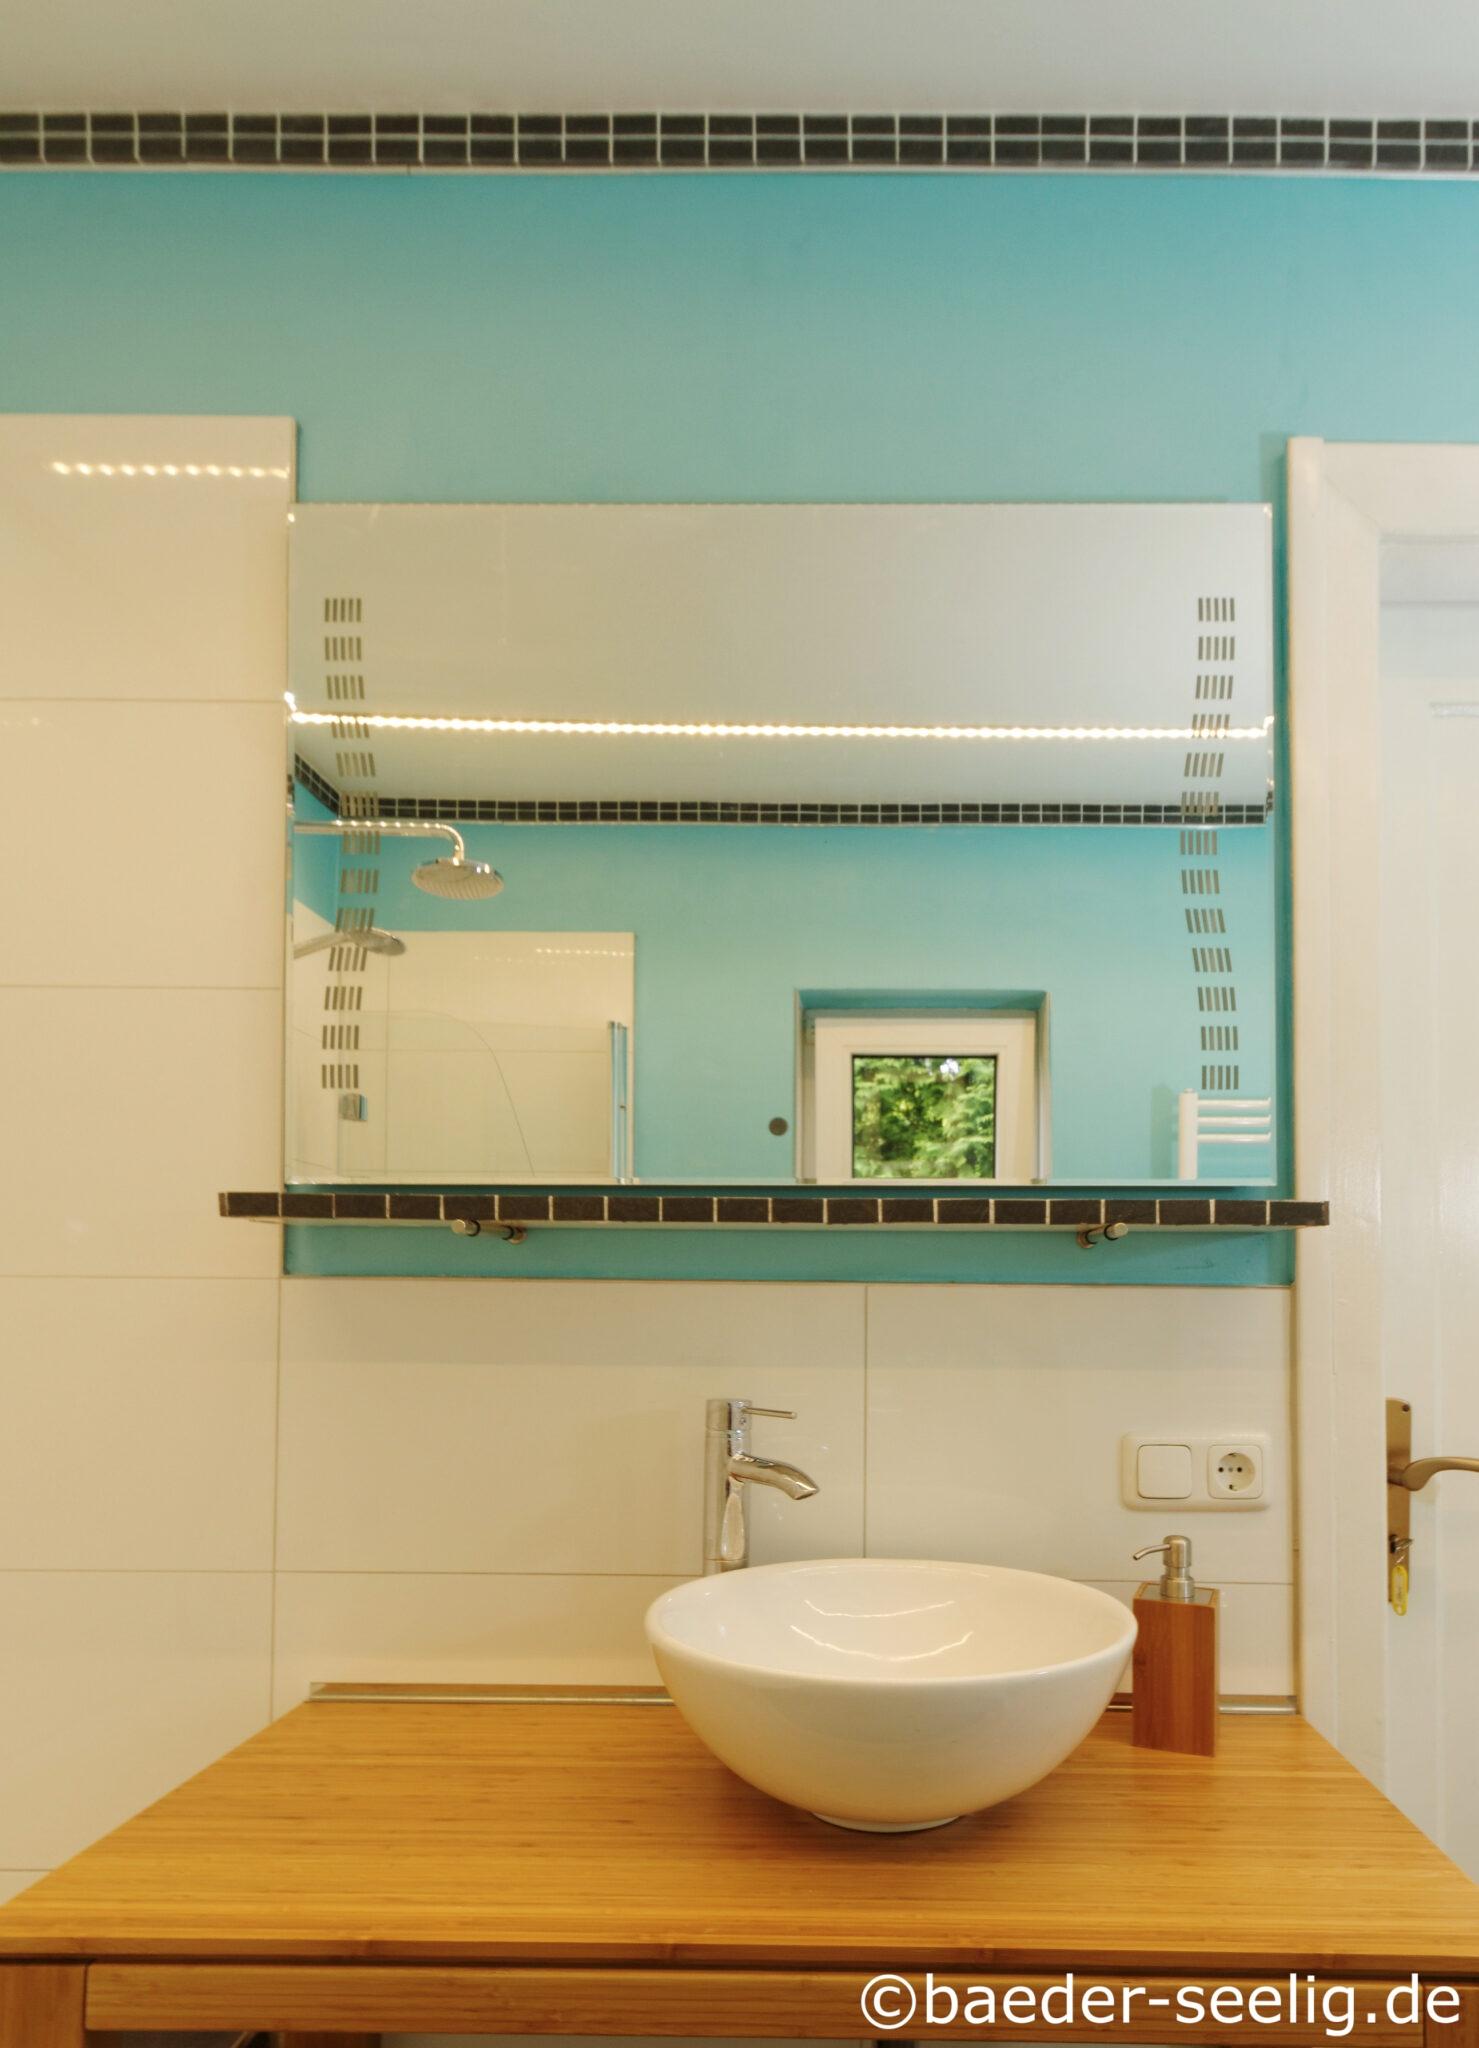 Badezimmer 25 Bader Seelig Gmbh